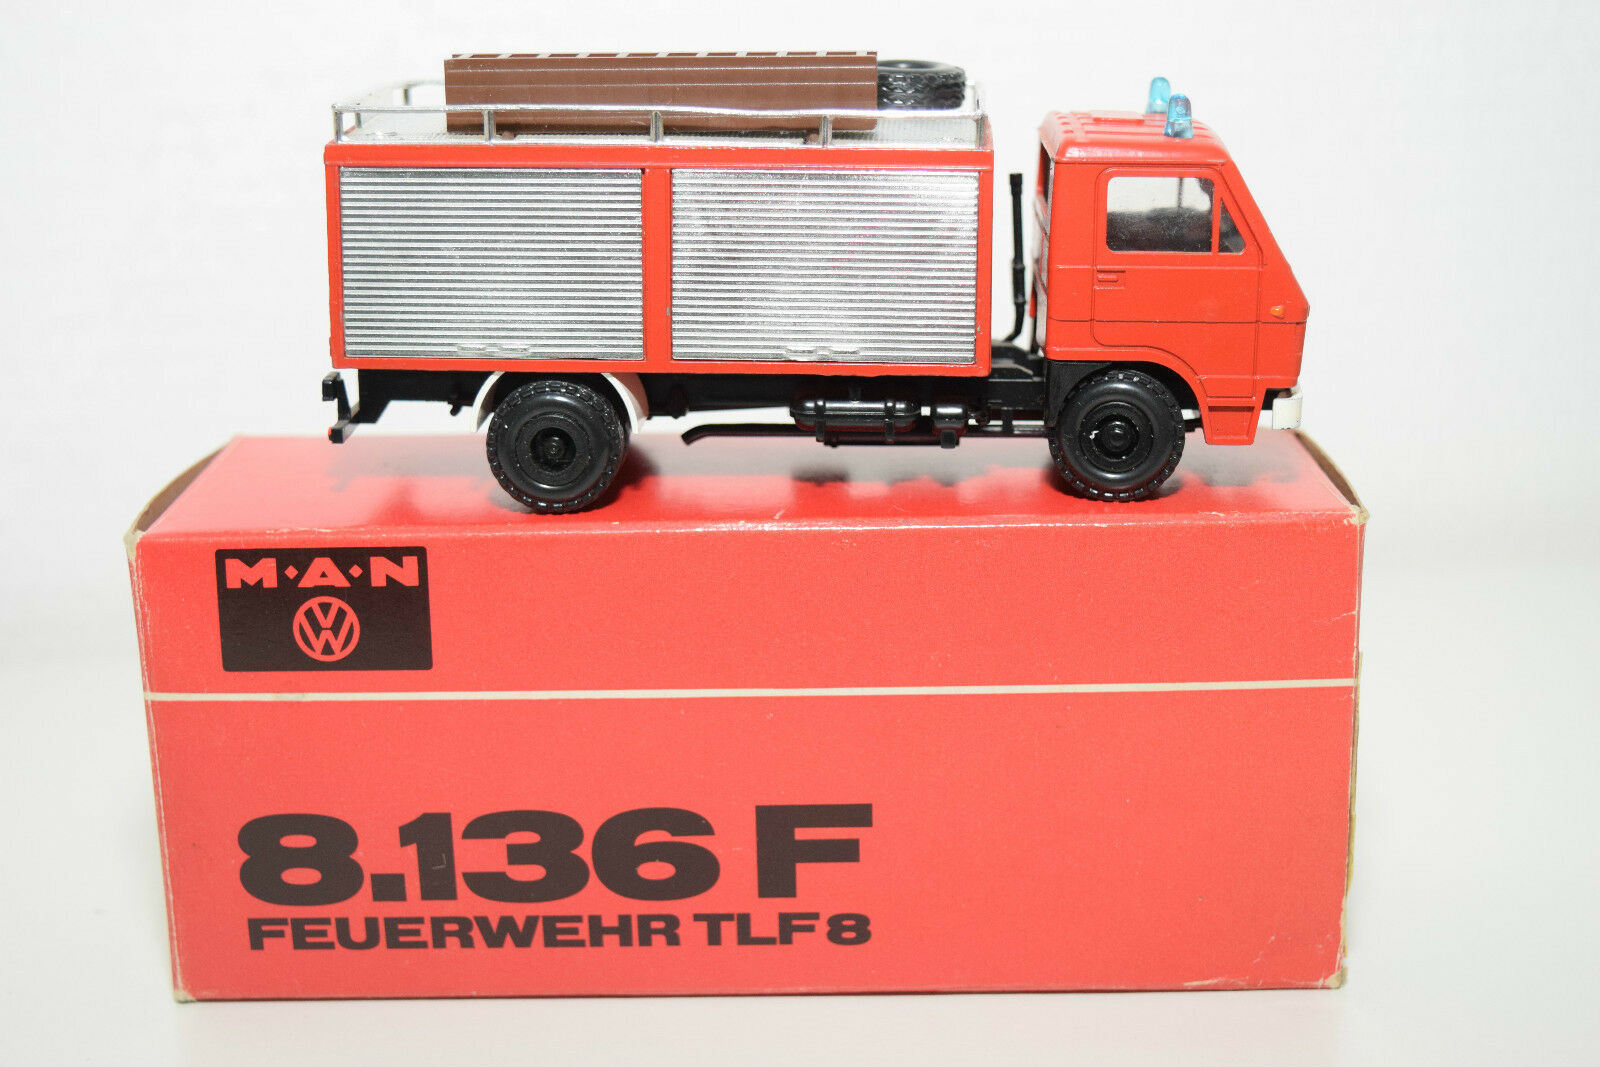 CONRAD MAN M.A.N. 8.136 F 8.136F FEUERWEHR FEUERWEHR FEUERWEHR TLF8 TLF 8 MINT BOXED 5aa54c